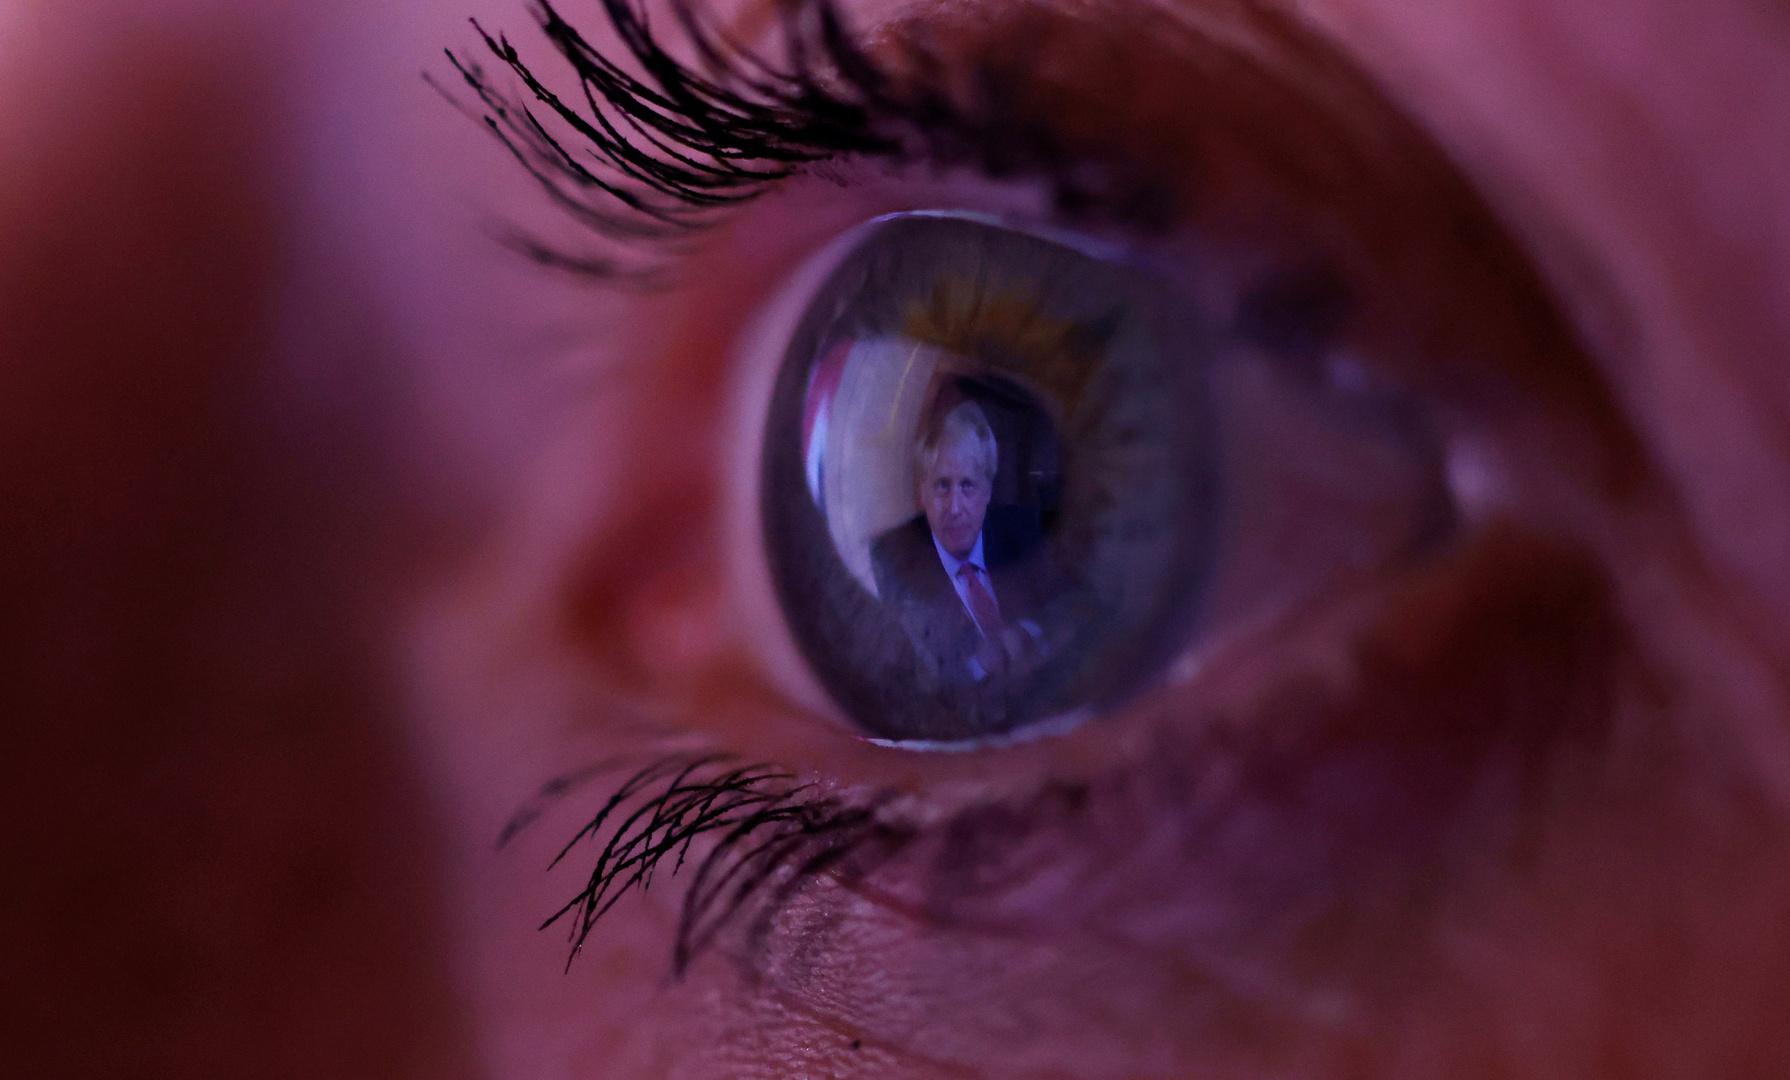 بريطانيا تعتمد عقارا يبطئ فقدان البصر لدى كبار السن وينقذ من العمى